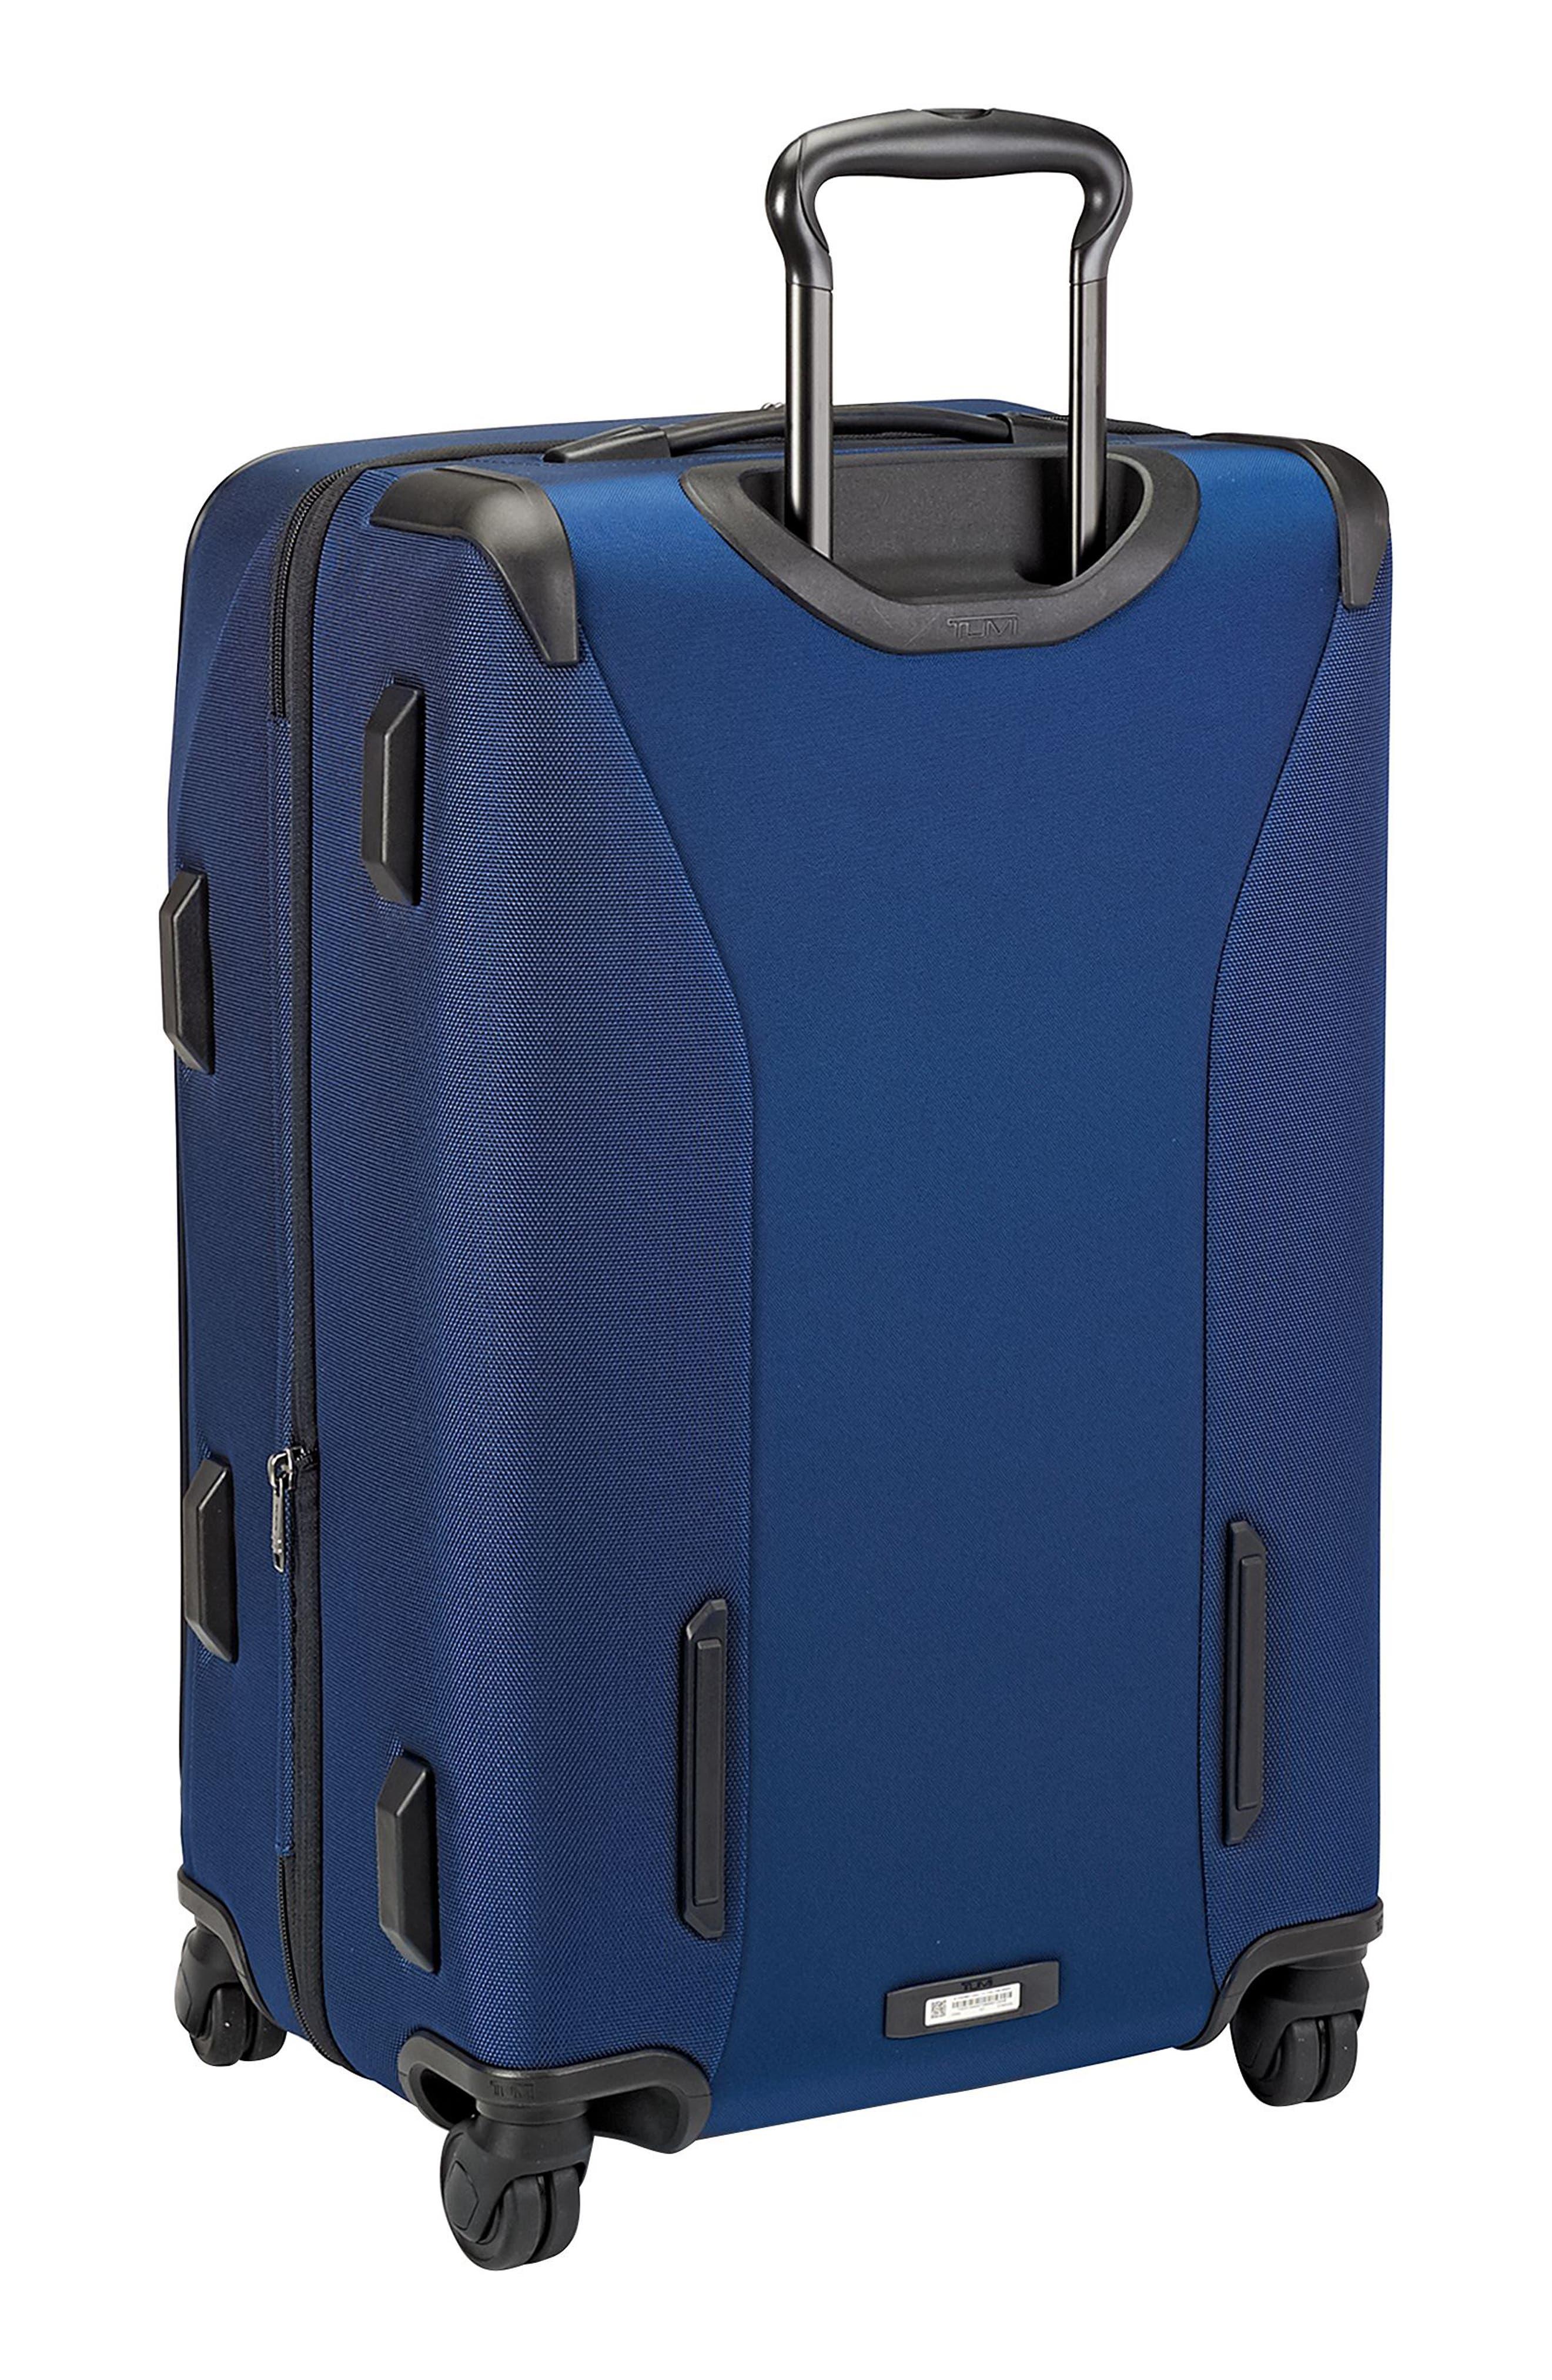 Merge - Short Trip Expandable Rolling Suitcase,                             Alternate thumbnail 4, color,                             OCEAN BLUE